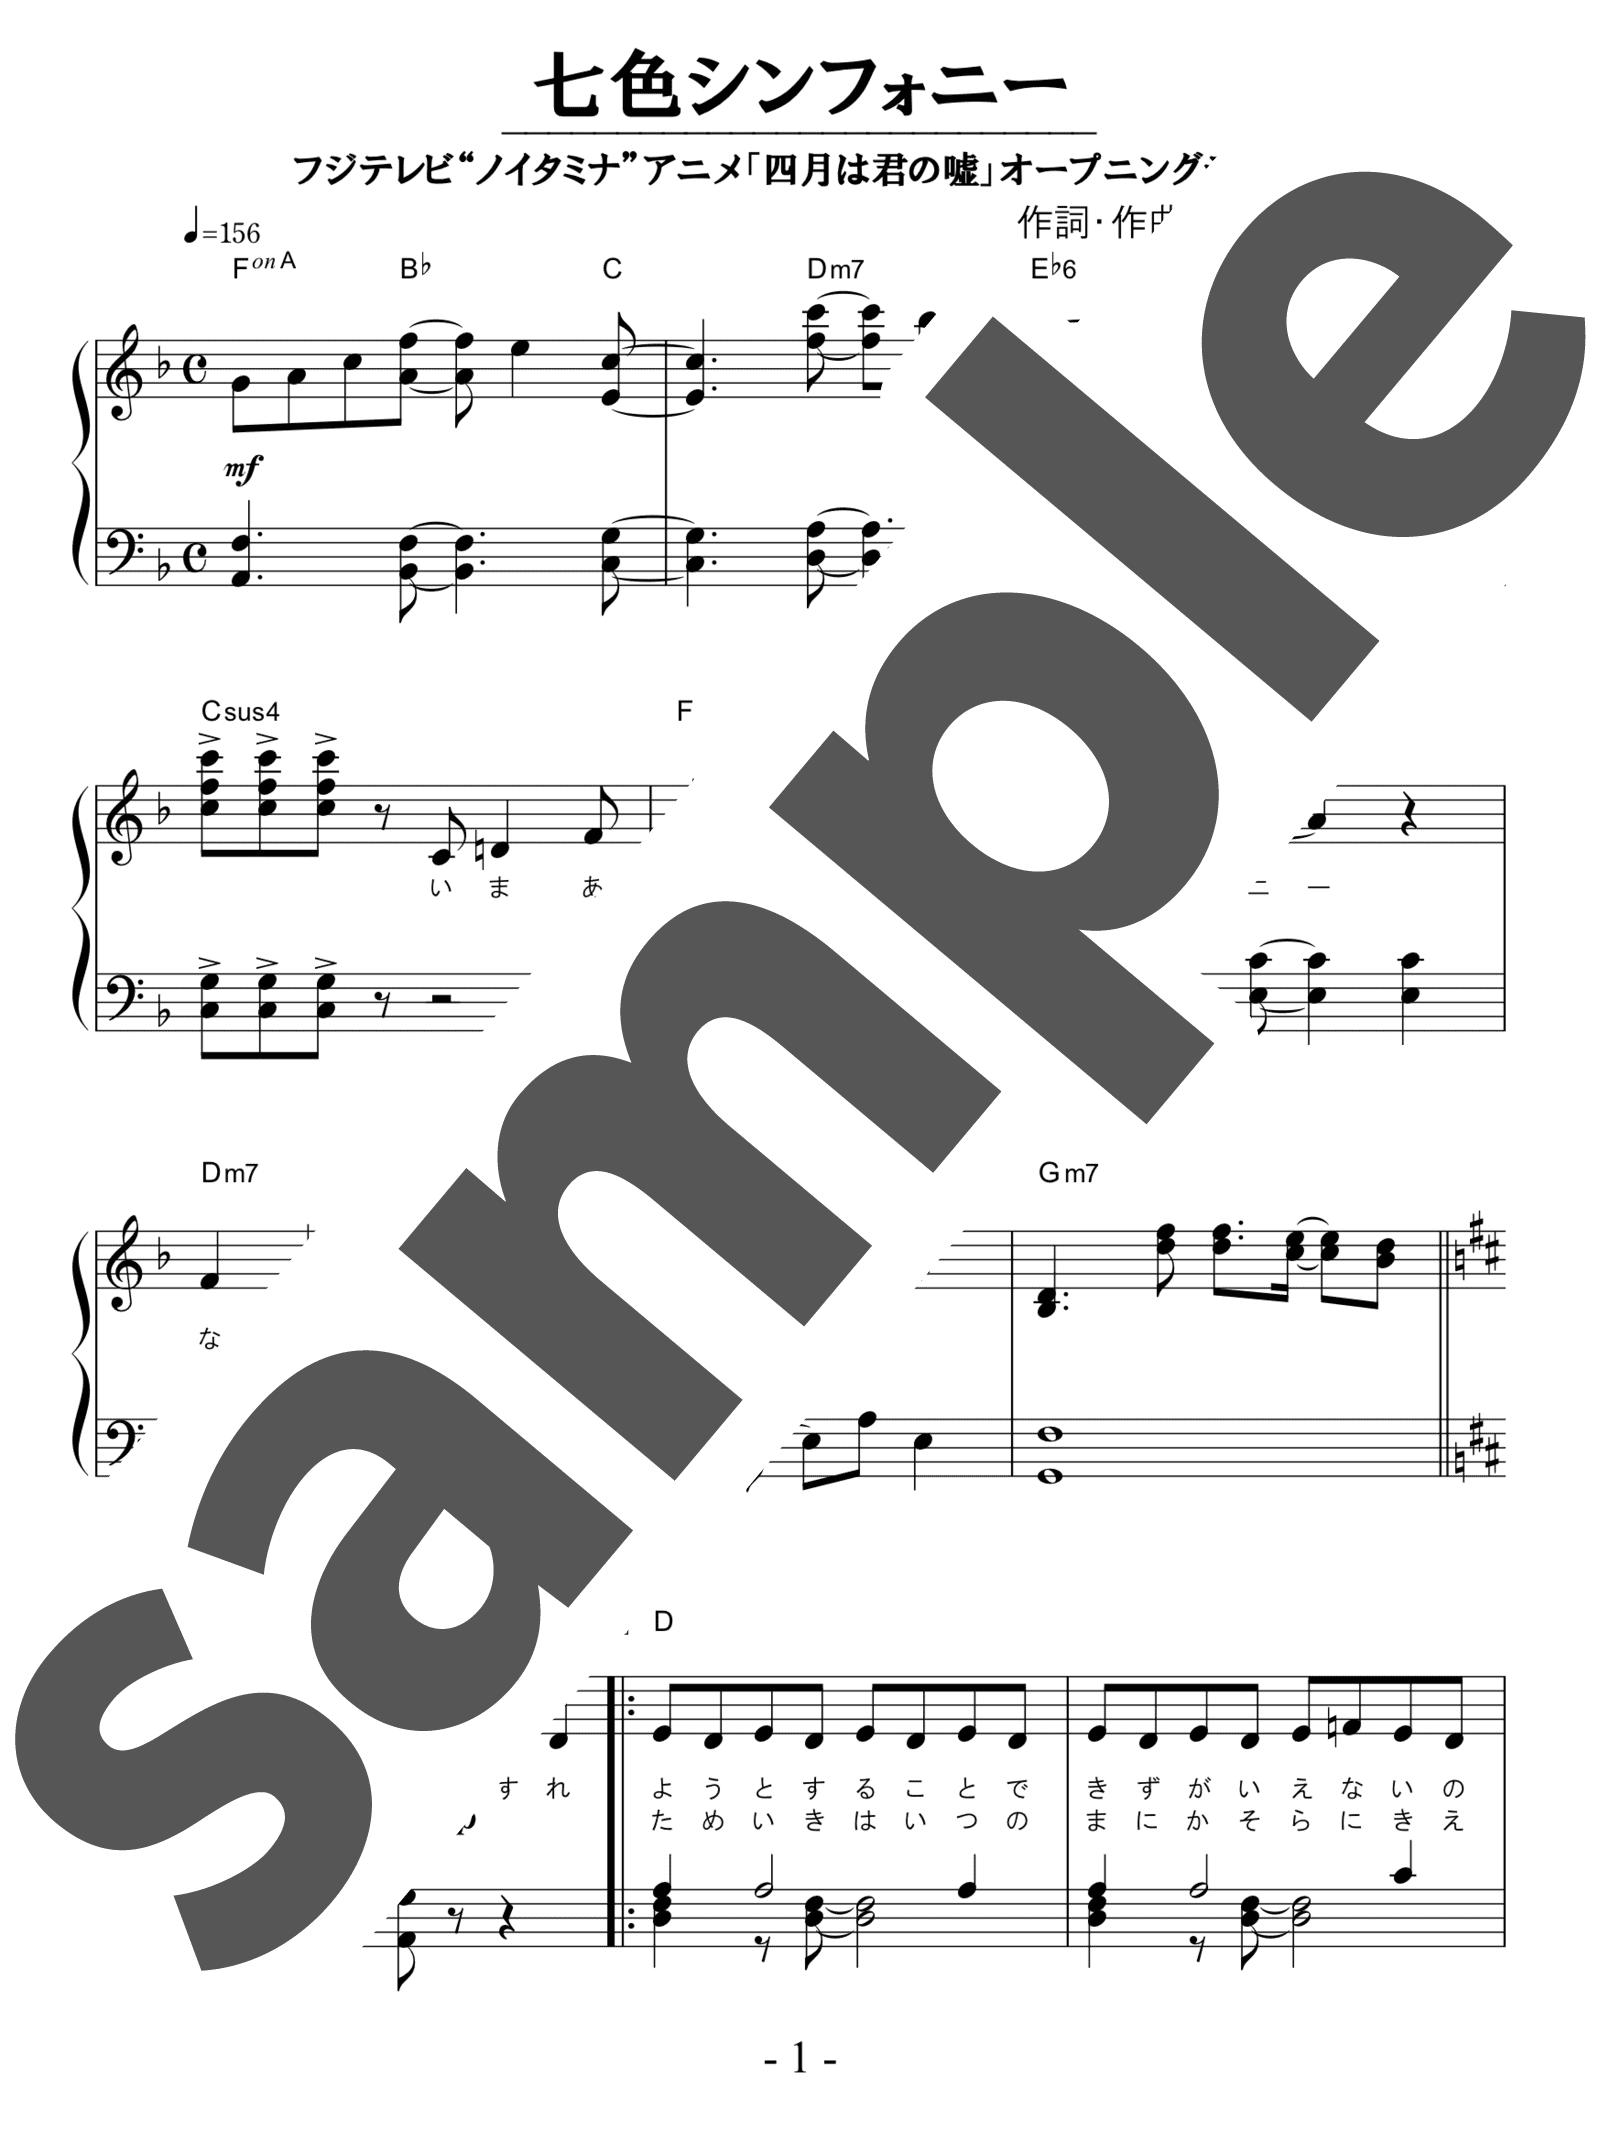 「七色シンフォニー」のサンプル楽譜